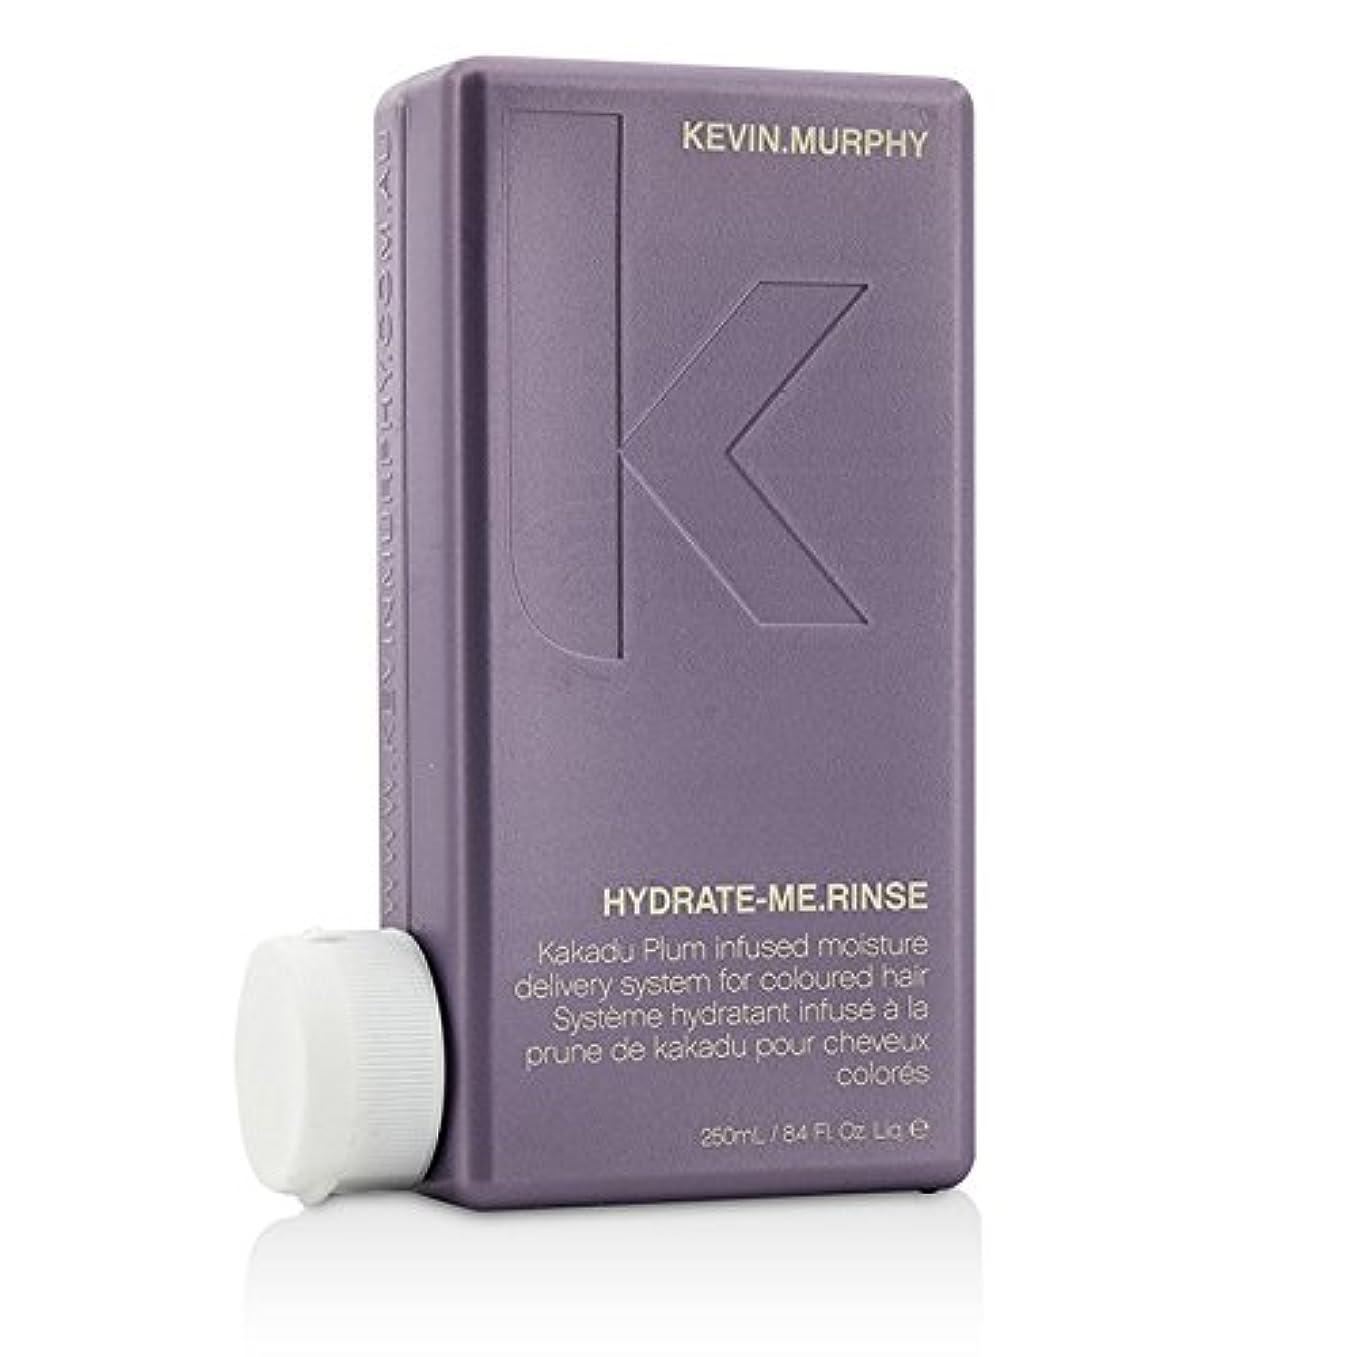 カメ島図書館ケヴィン マーフィー Hydrate-Me.Rinse (Kakadu Plum Infused Moisture Delivery System - For Coloured Hair) 250ml/8.4oz並行輸入品